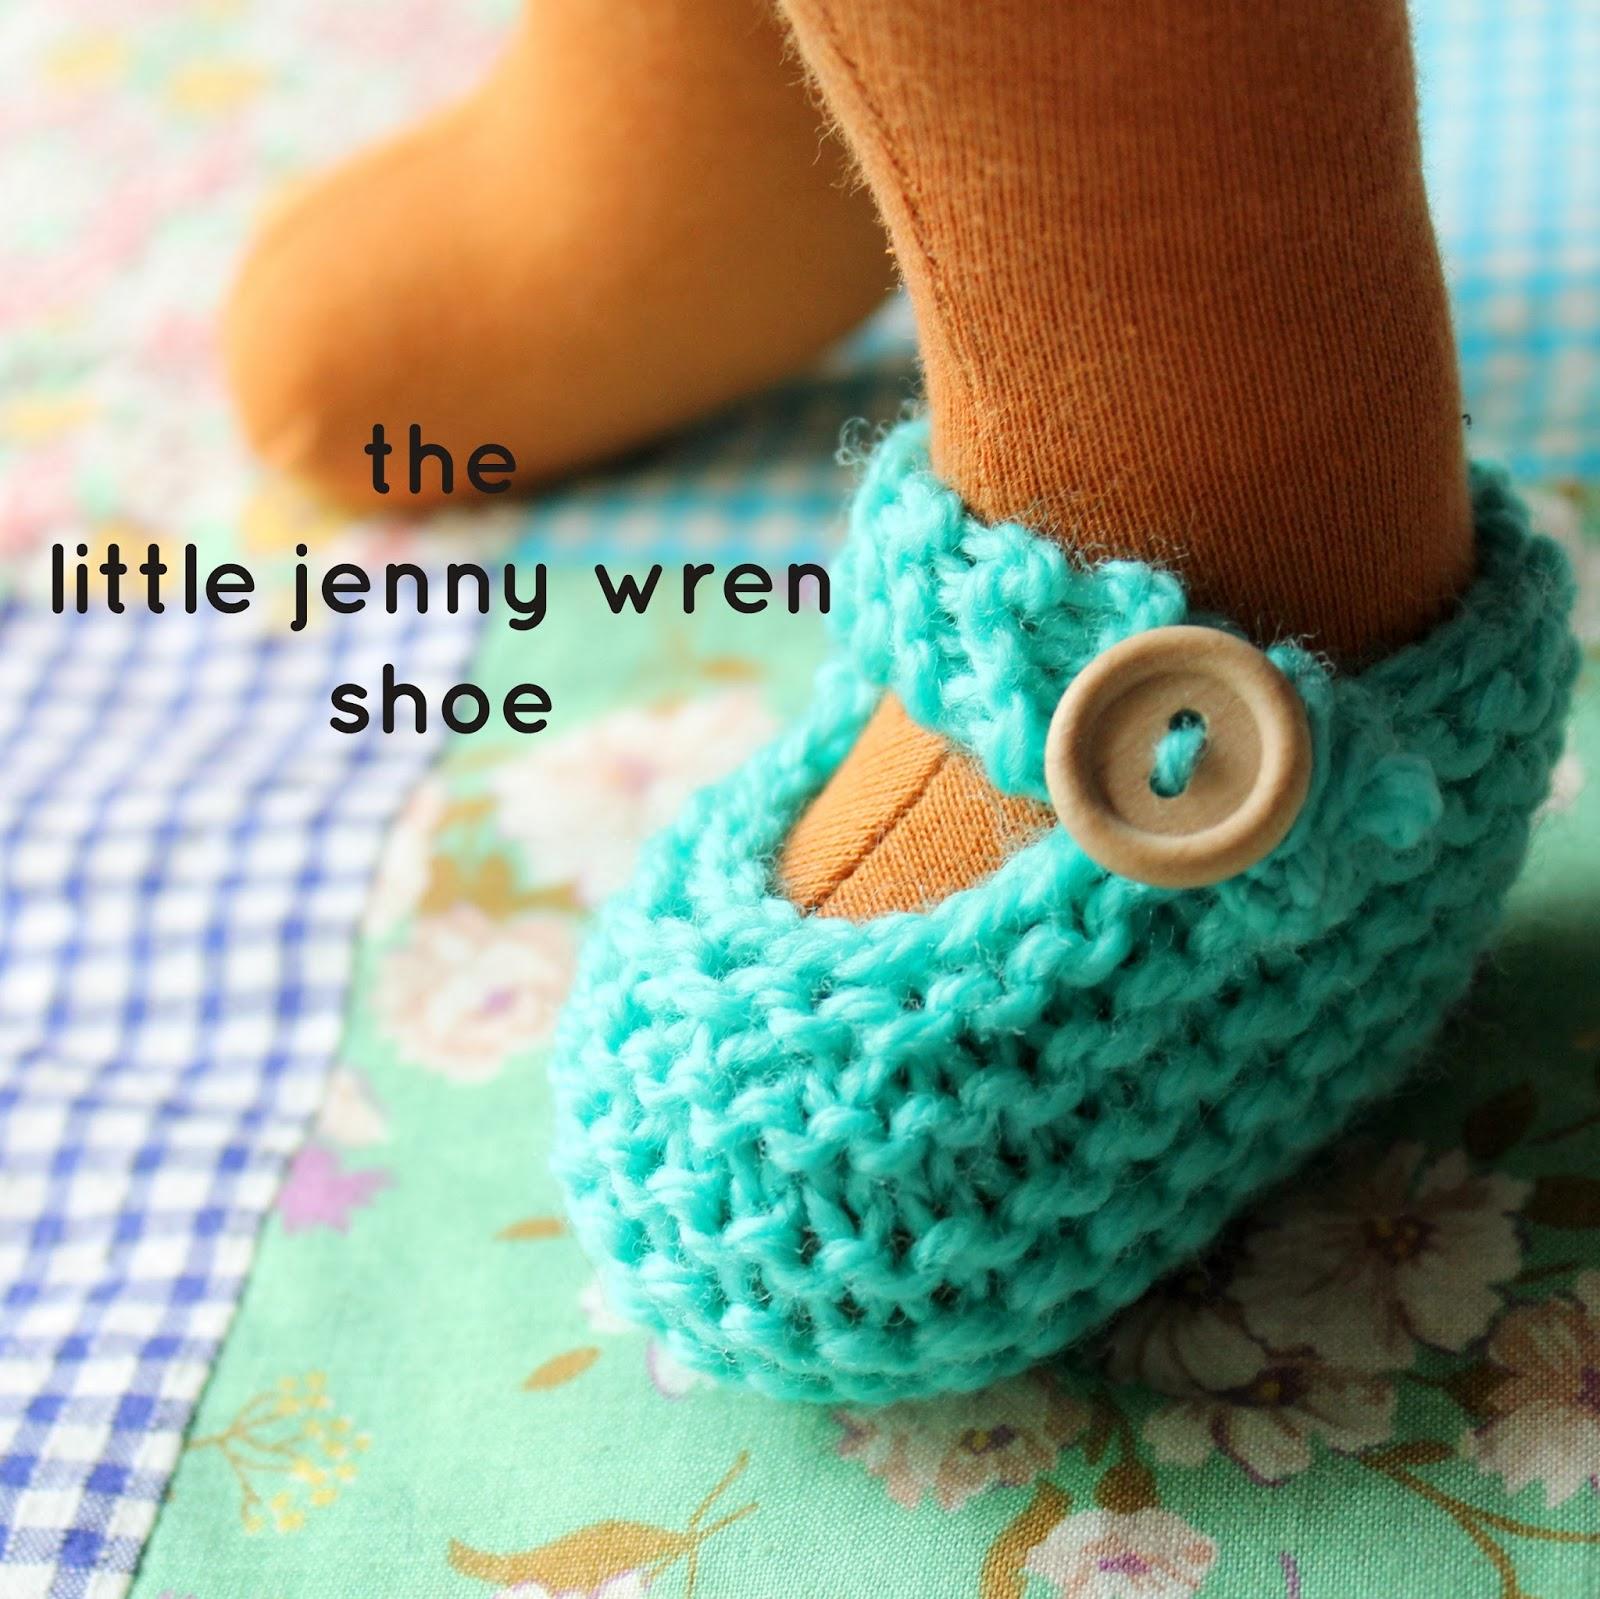 Knitting Patterns For Dolls Booties : the little jenny wren shoe, a simple knitted doll shoe little jenny wren ...